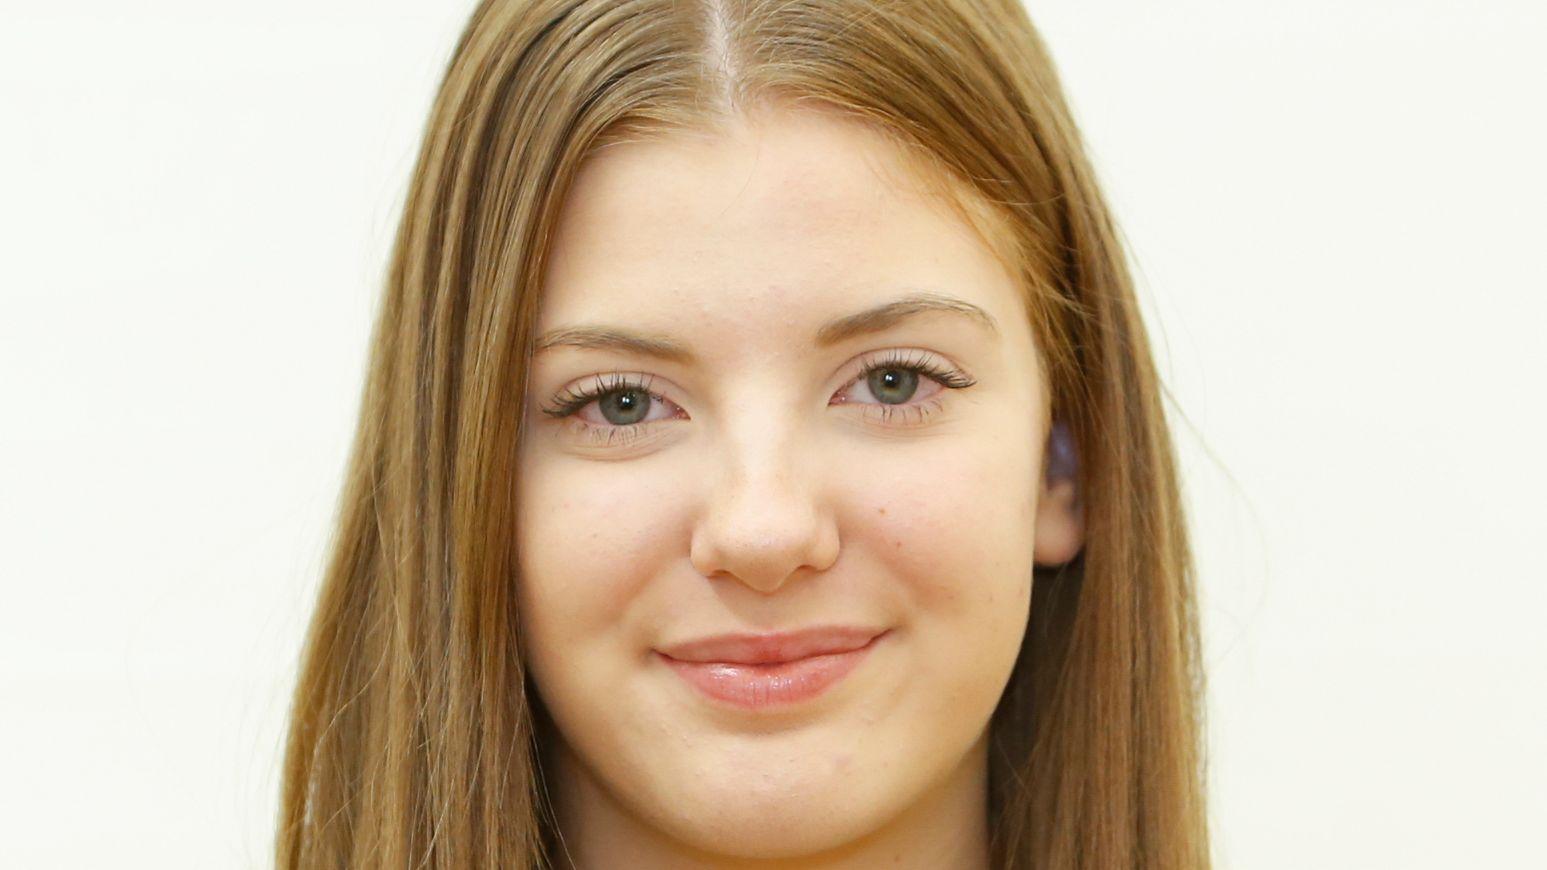 Die 16 Jahre alte Teresa Geweniger besucht die Adam-Kraft-Realschule in Nürnberg. Ihre Hobbys sind Gardetanz und Sport.